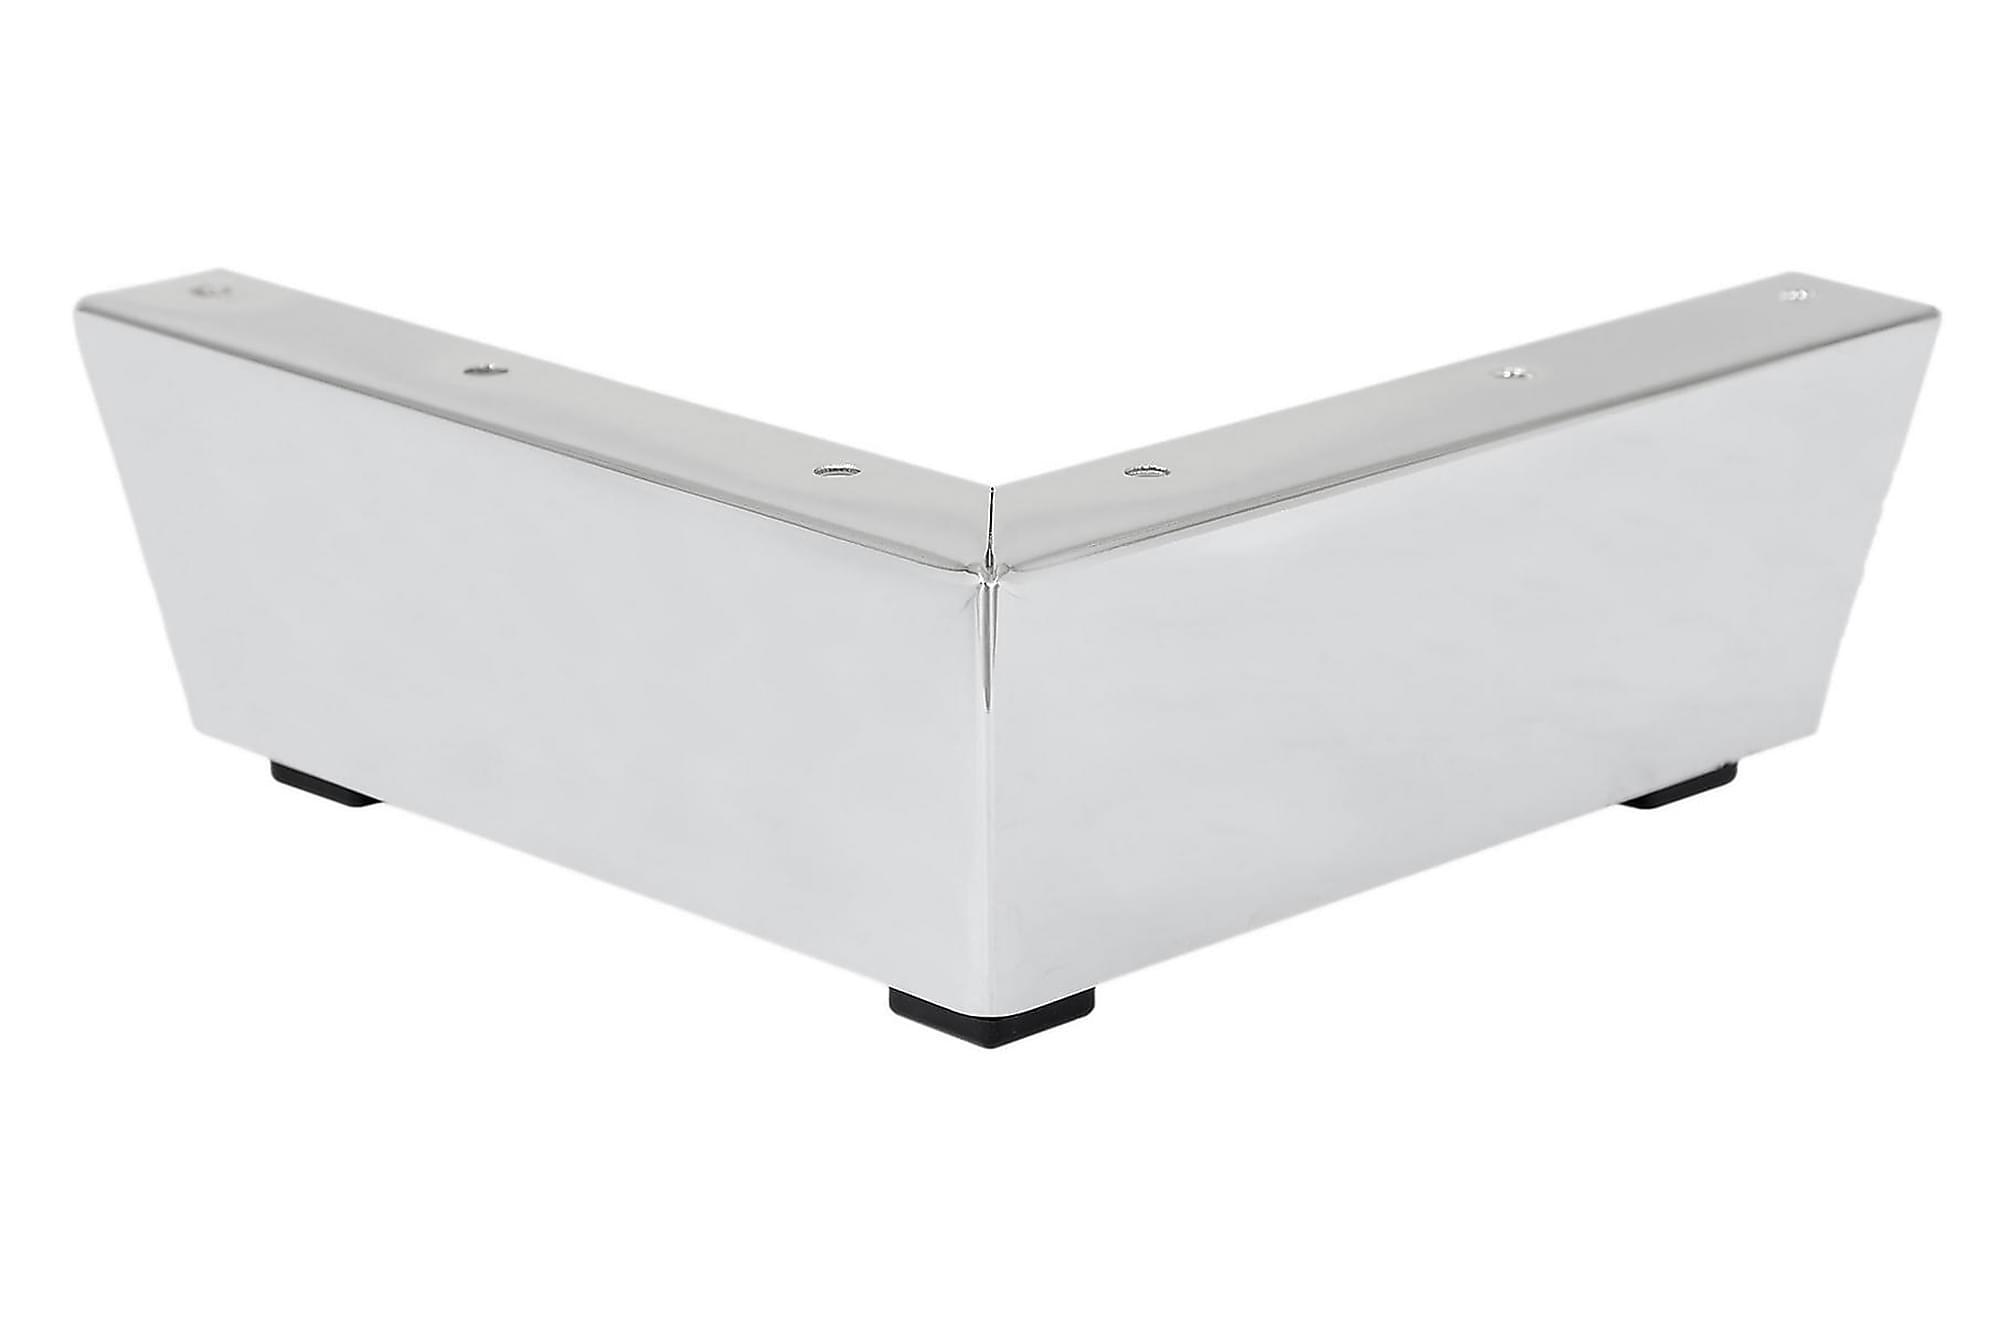 SOFFBEN Modell F 6,6 cm 6-Pack Krom